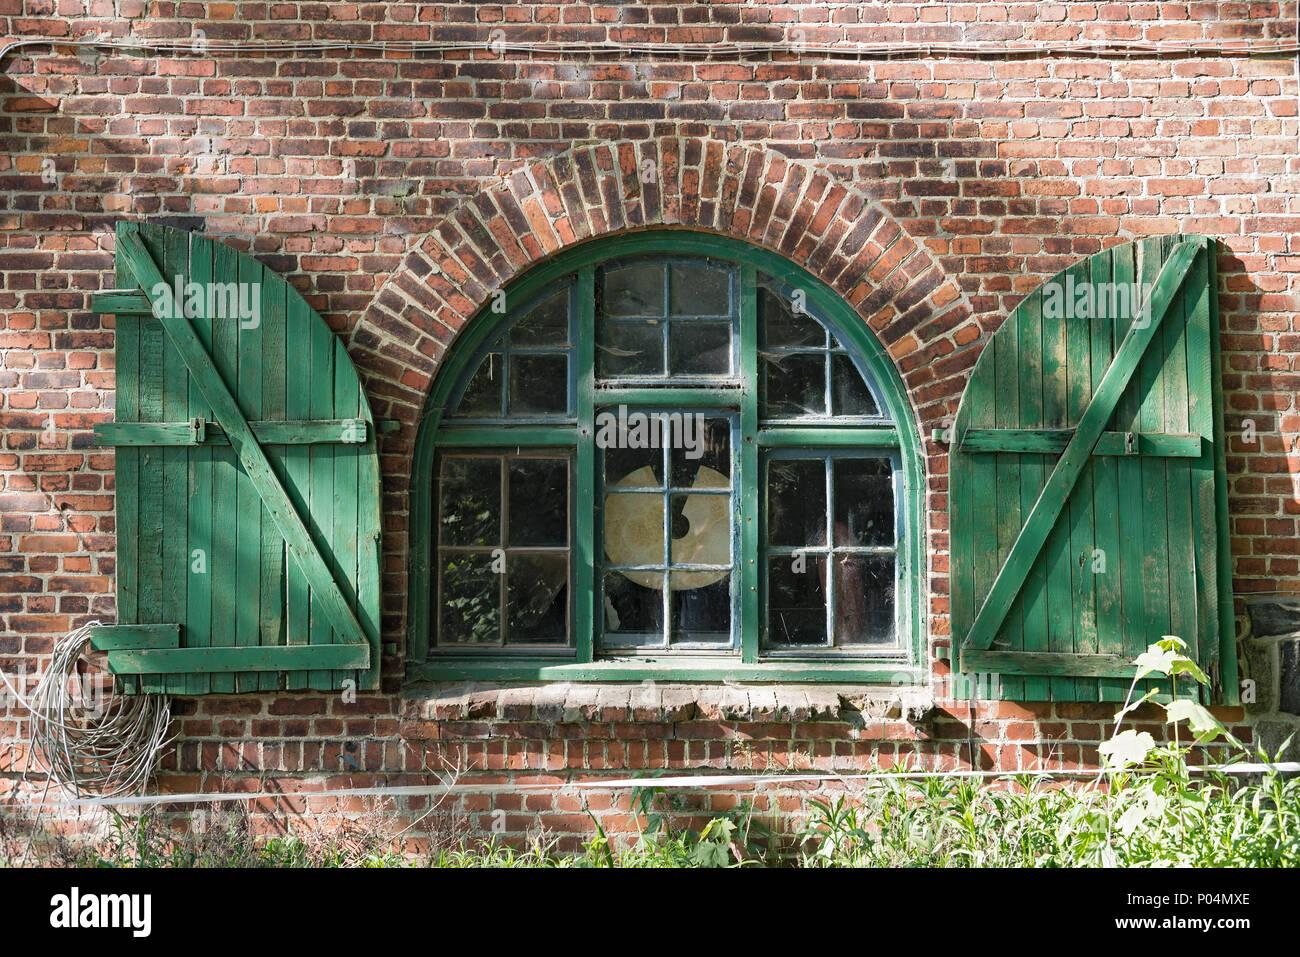 Fenster in einem Backstein Bauernhaus mit Fensterläden in Schleswig Holstein, Deutschland Stockbild